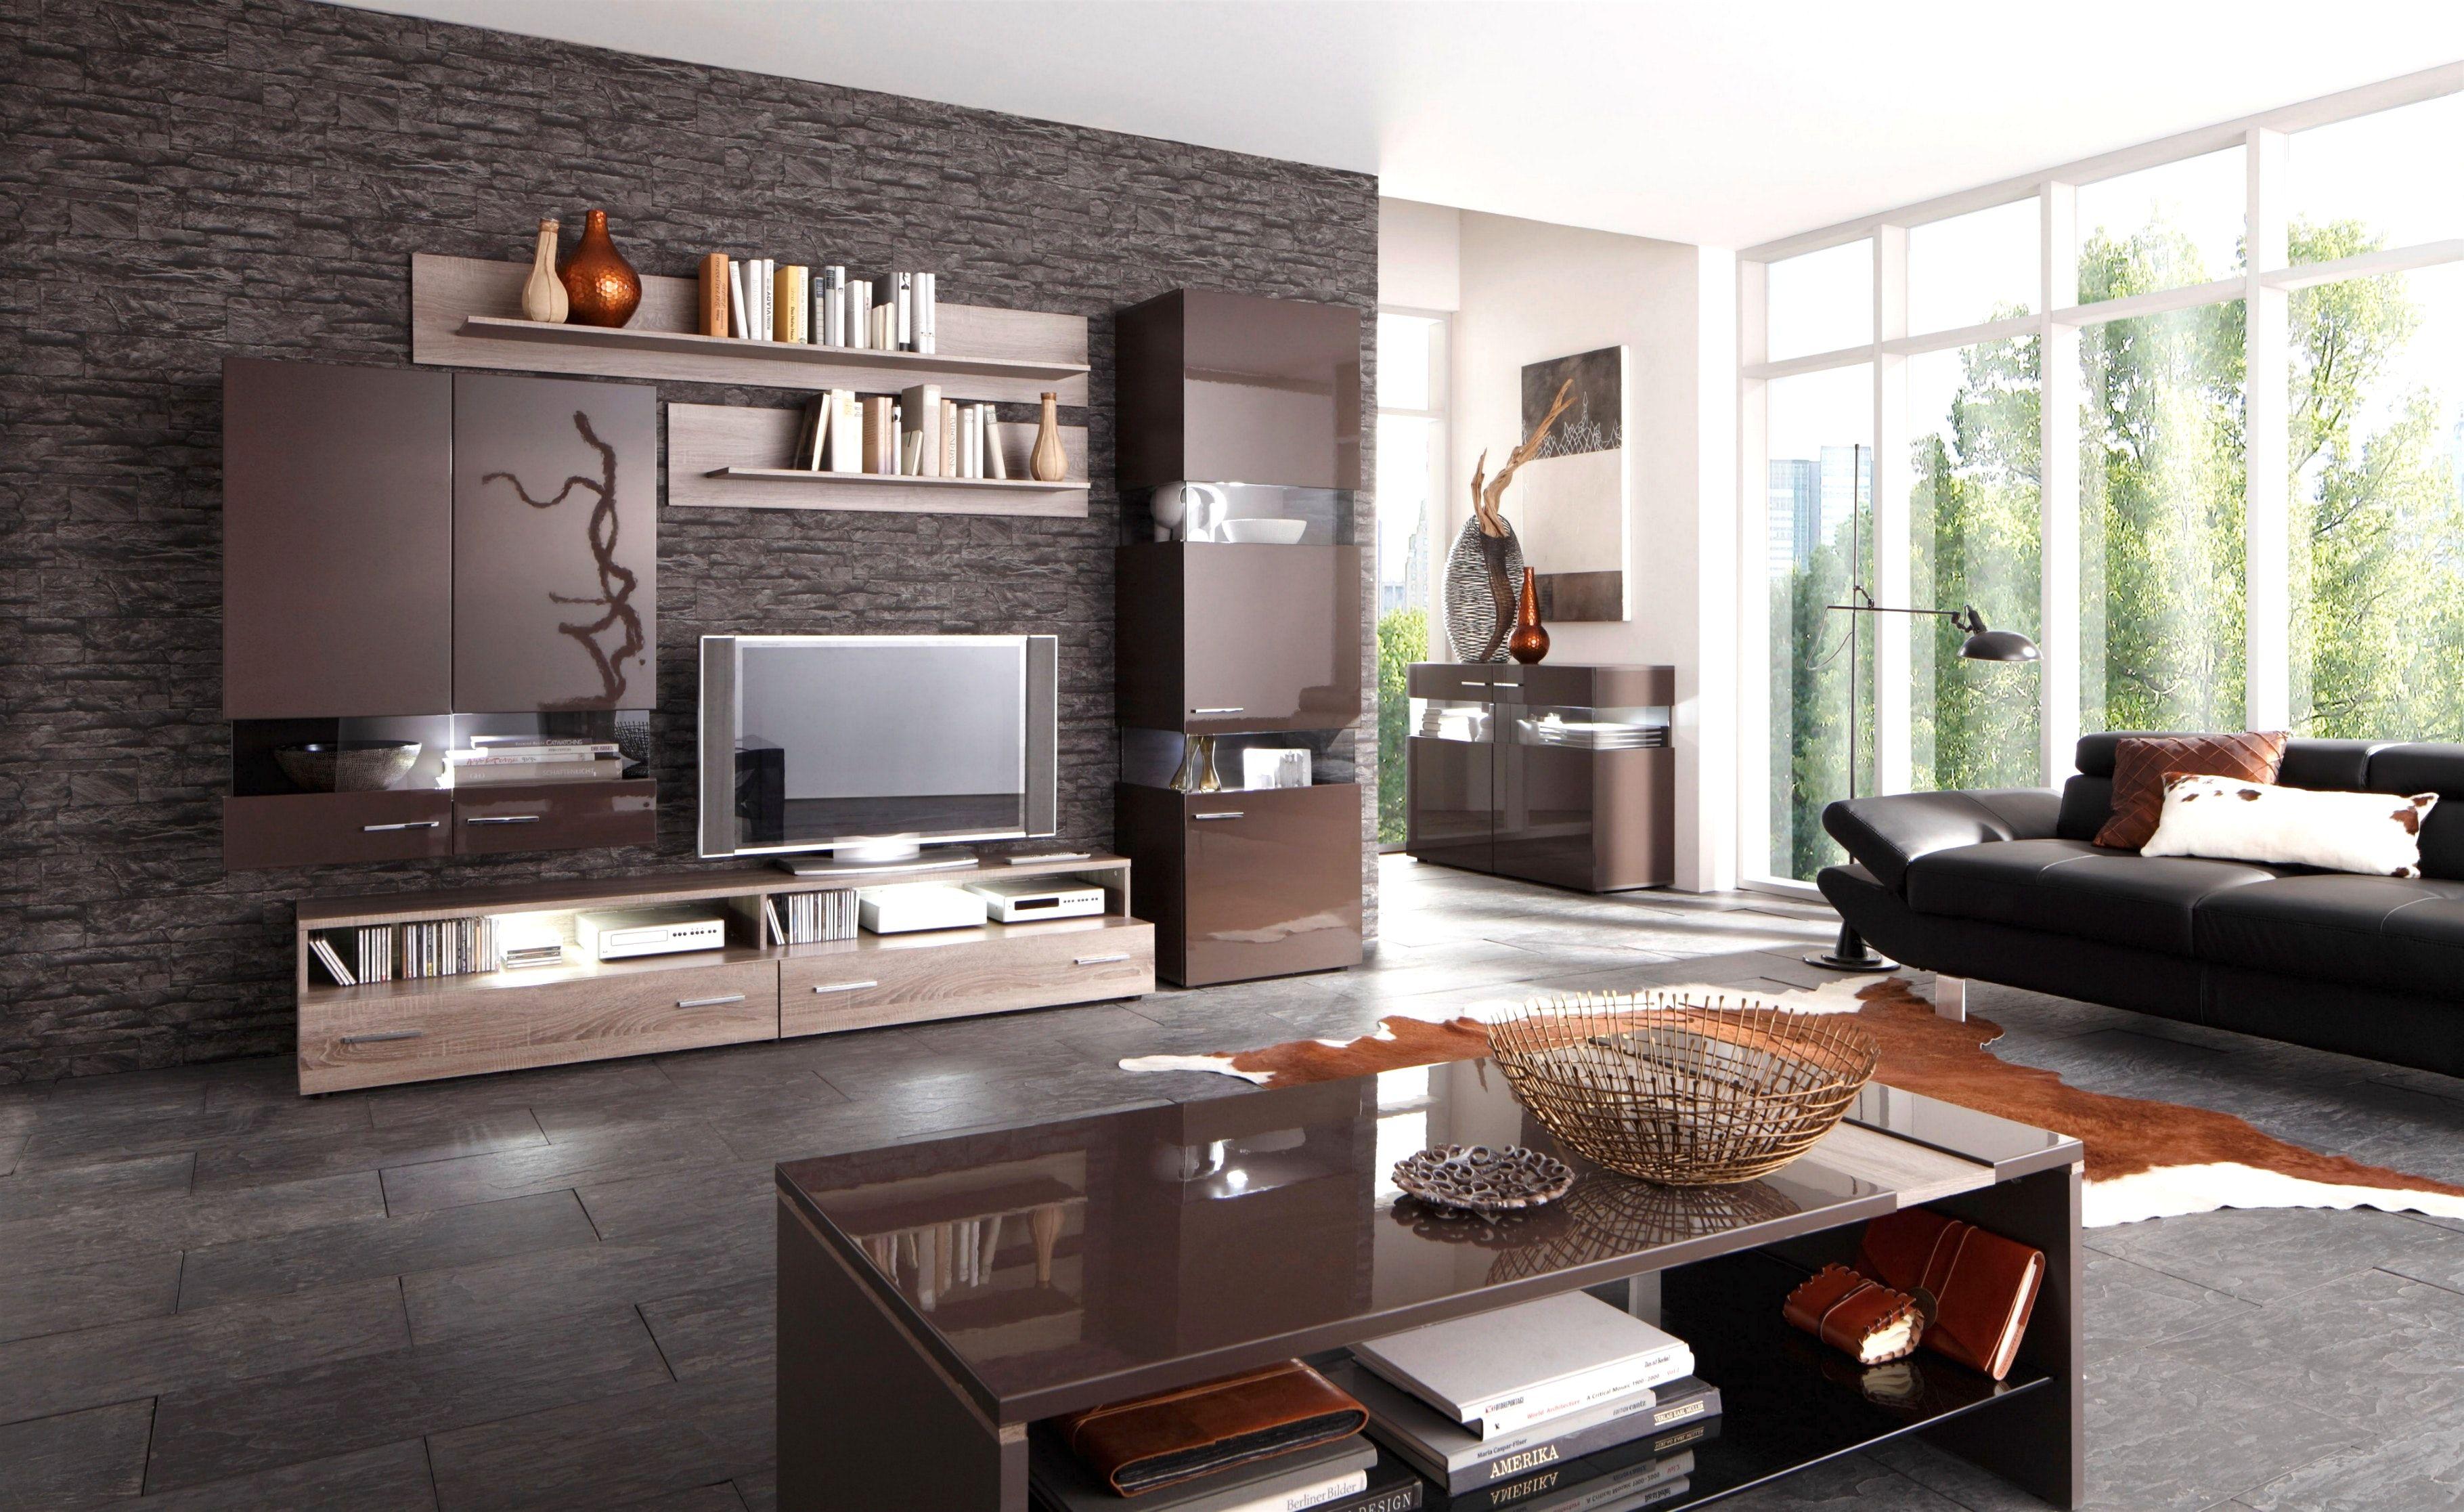 deko idee wohnzimmer braun